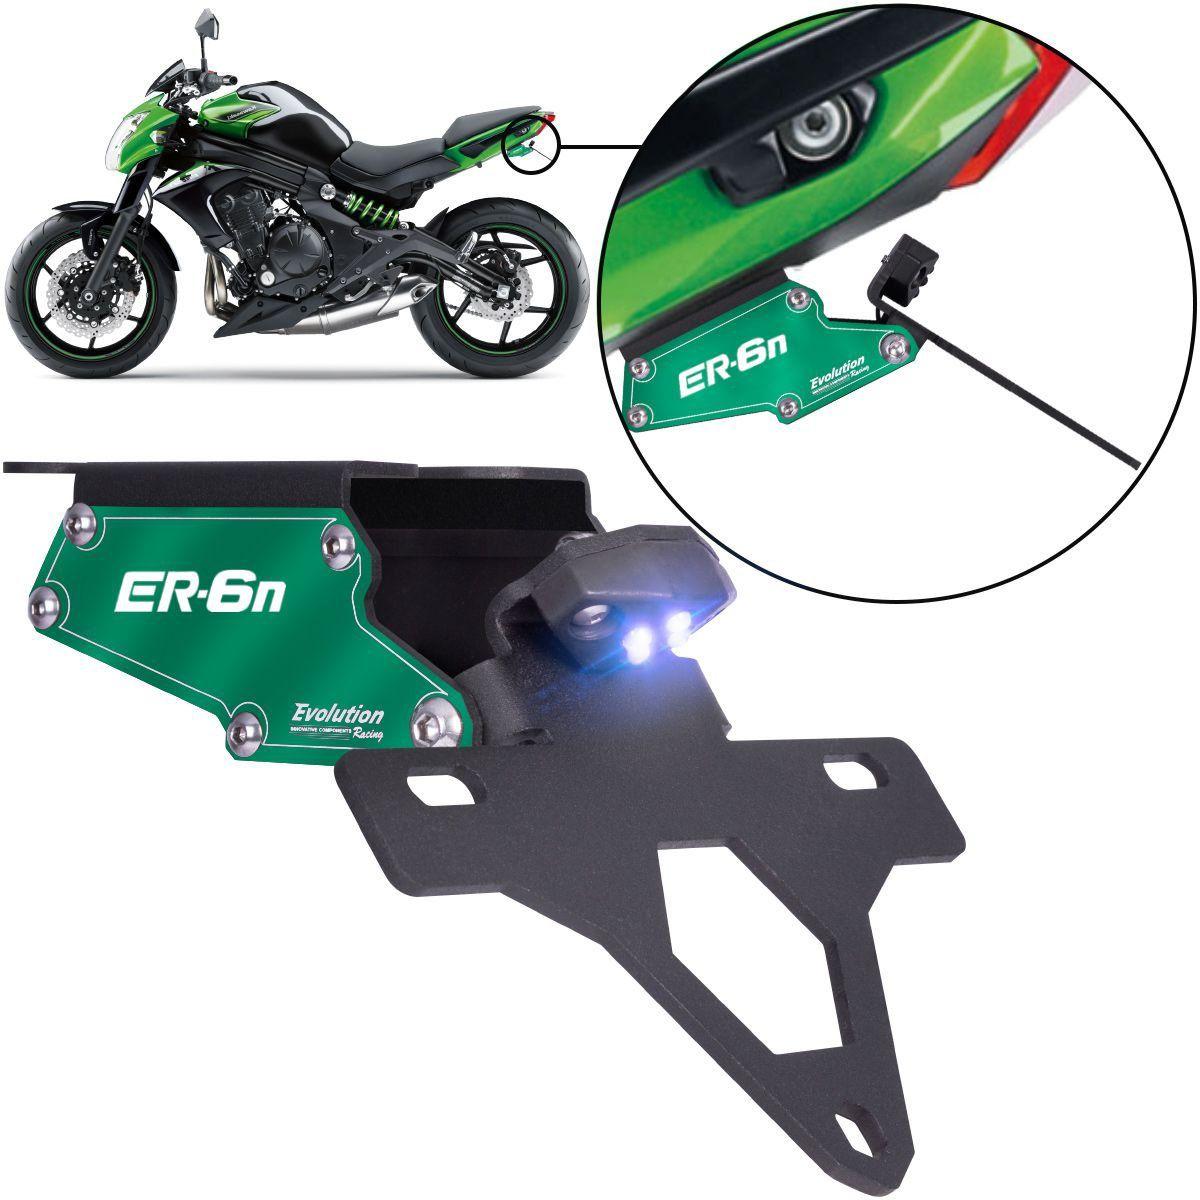 Suporte Eliminador De Rabeta Placa Kawasaki ER6 N 2012 2013 2014 2015 2016